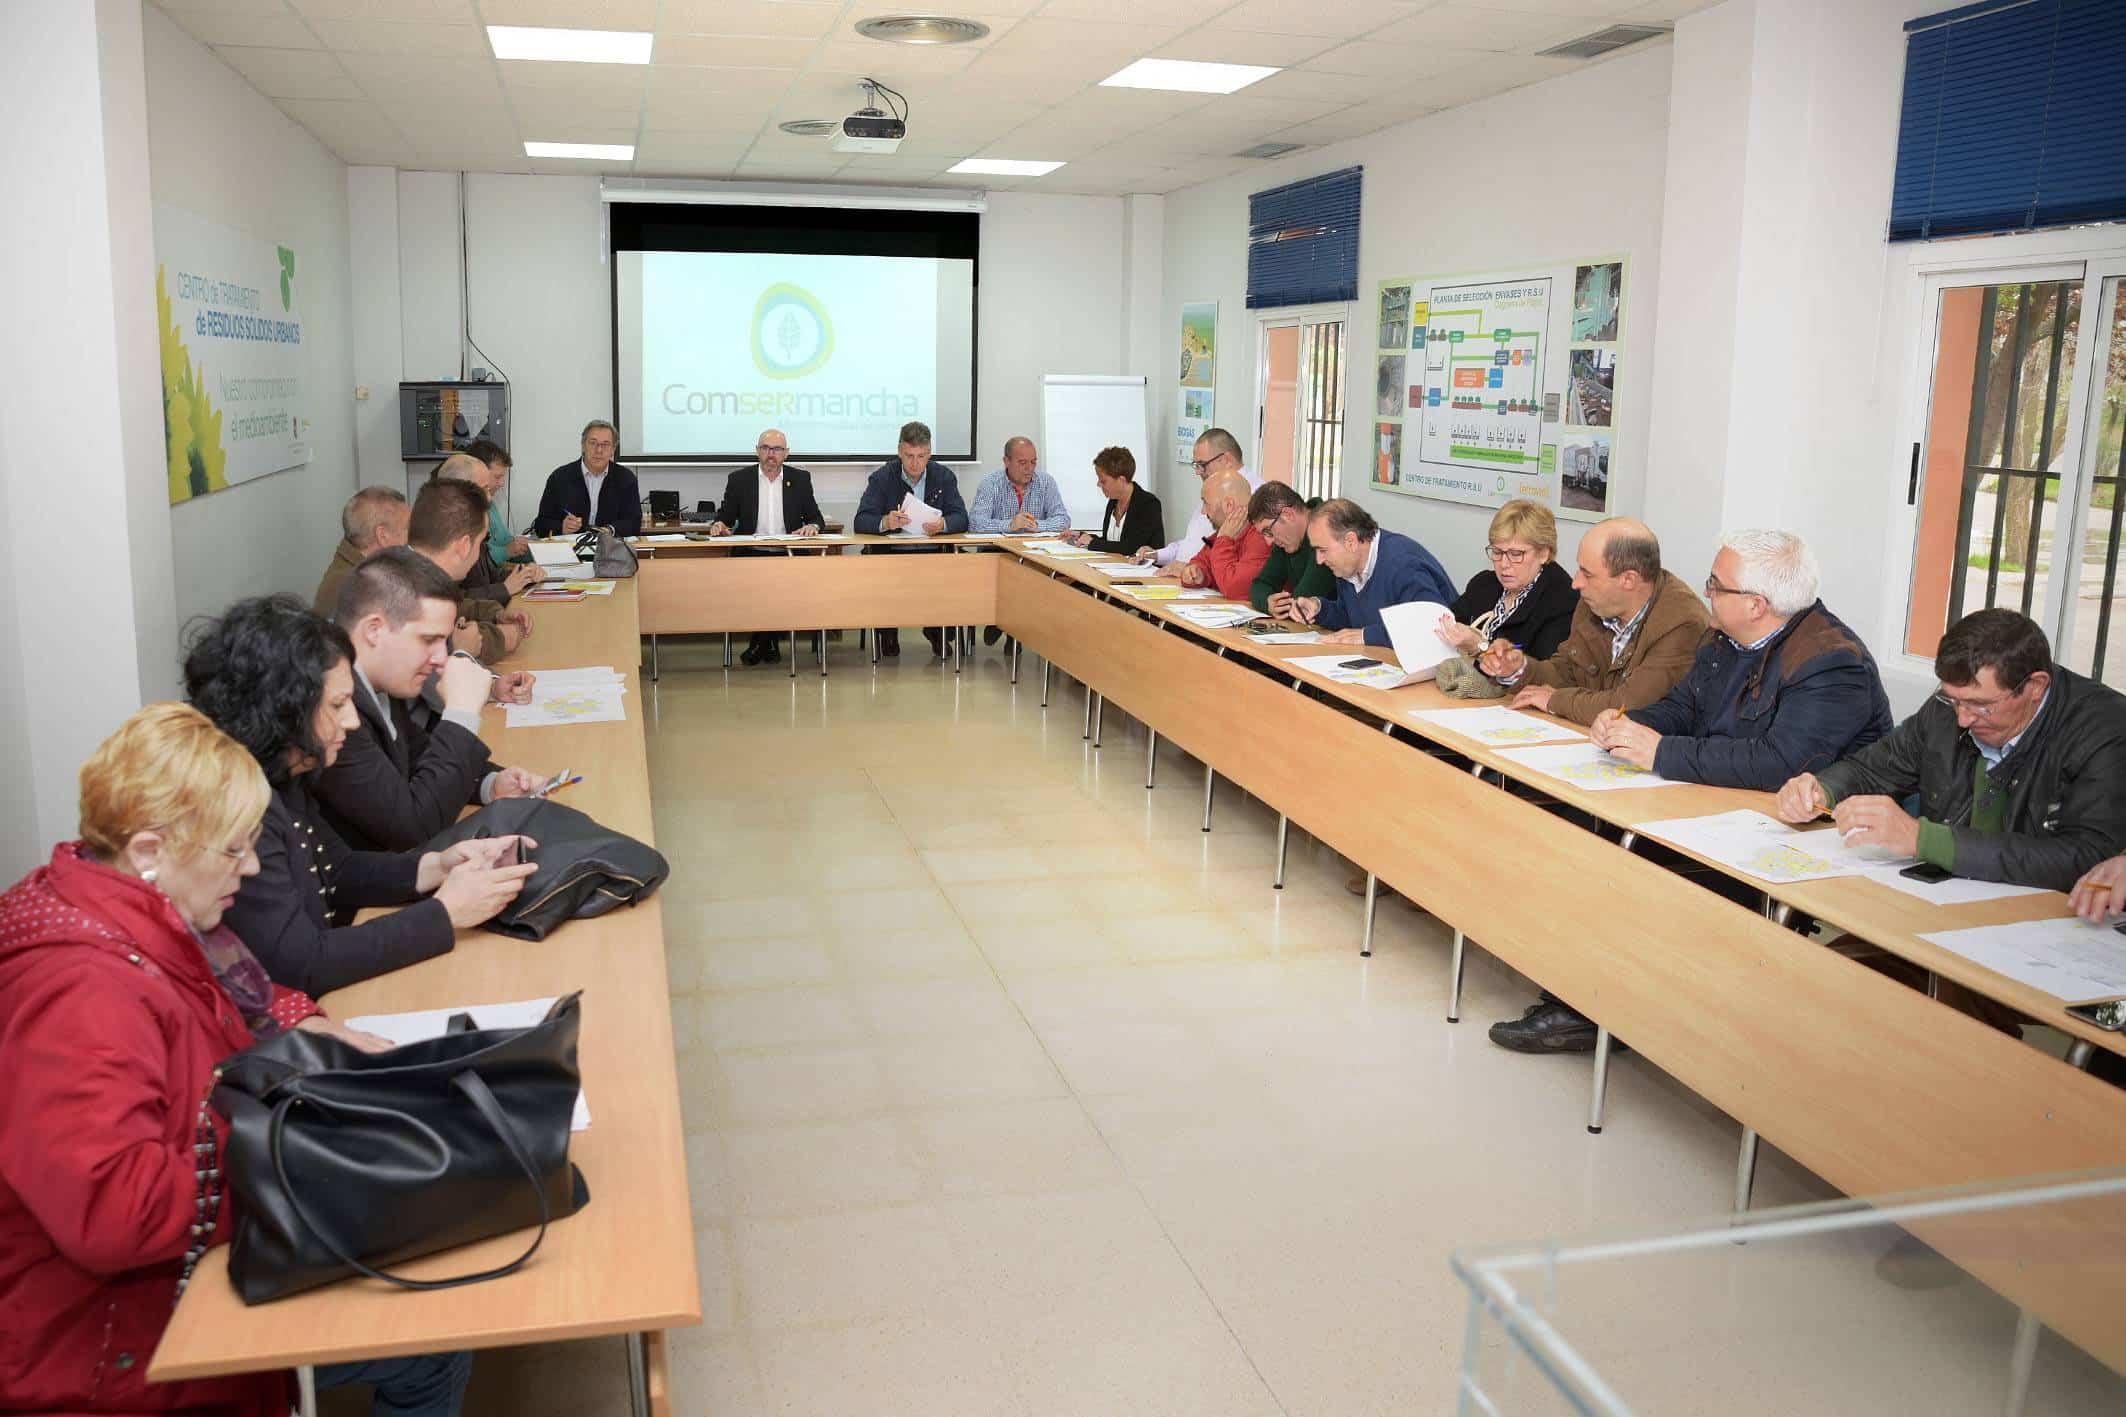 20180412 Pleno Comsermancha - Comsermancha celebra la sesión plenaria del mes de abril en la planta de RSU